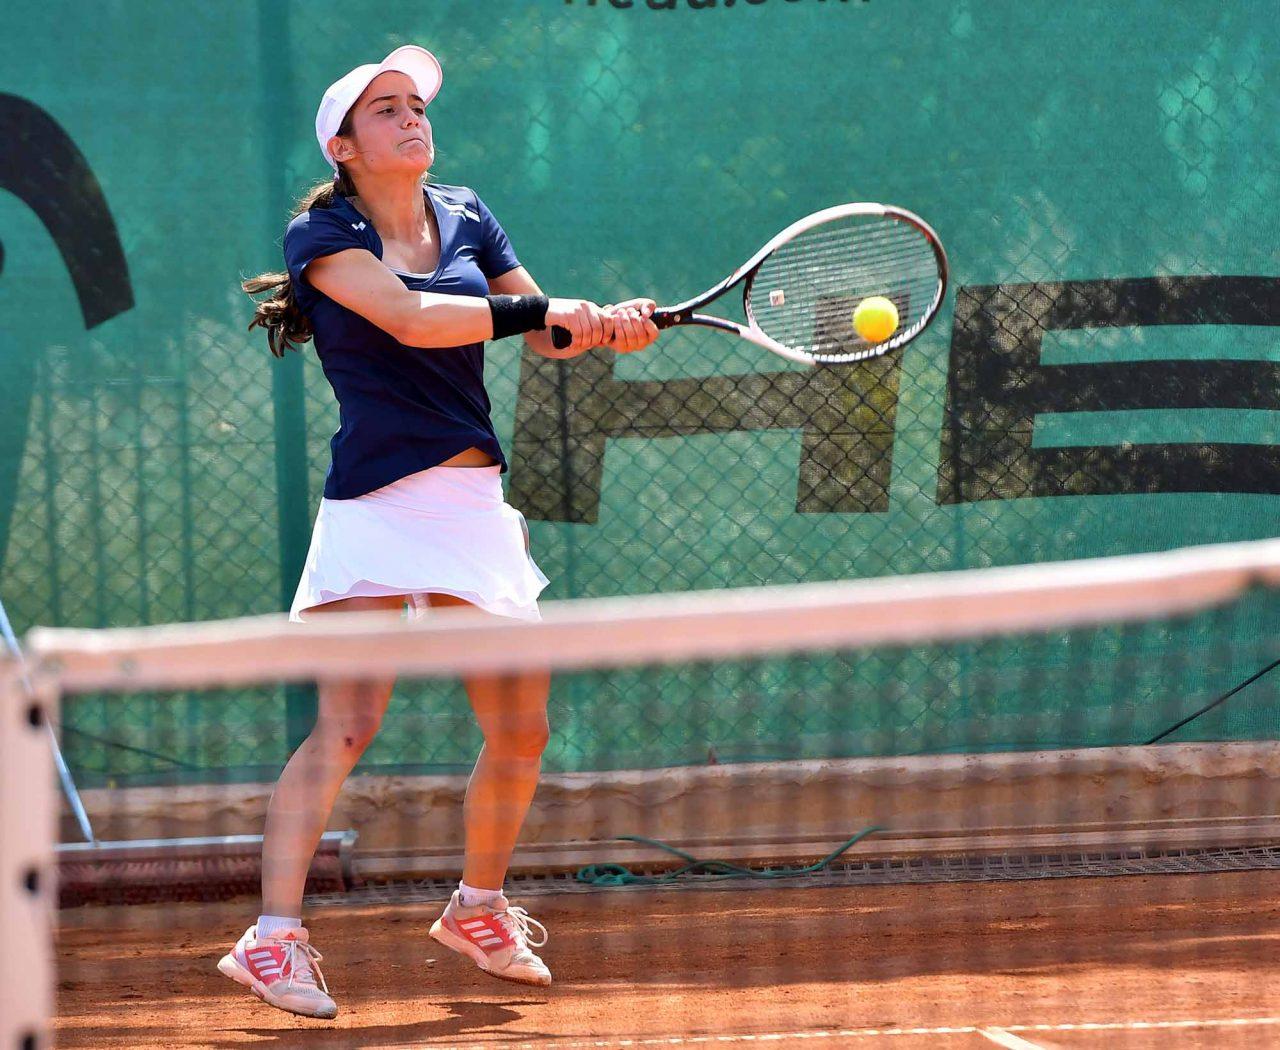 Държавно първенство тенис до 14 год. ТК 15-40 момичета (34)